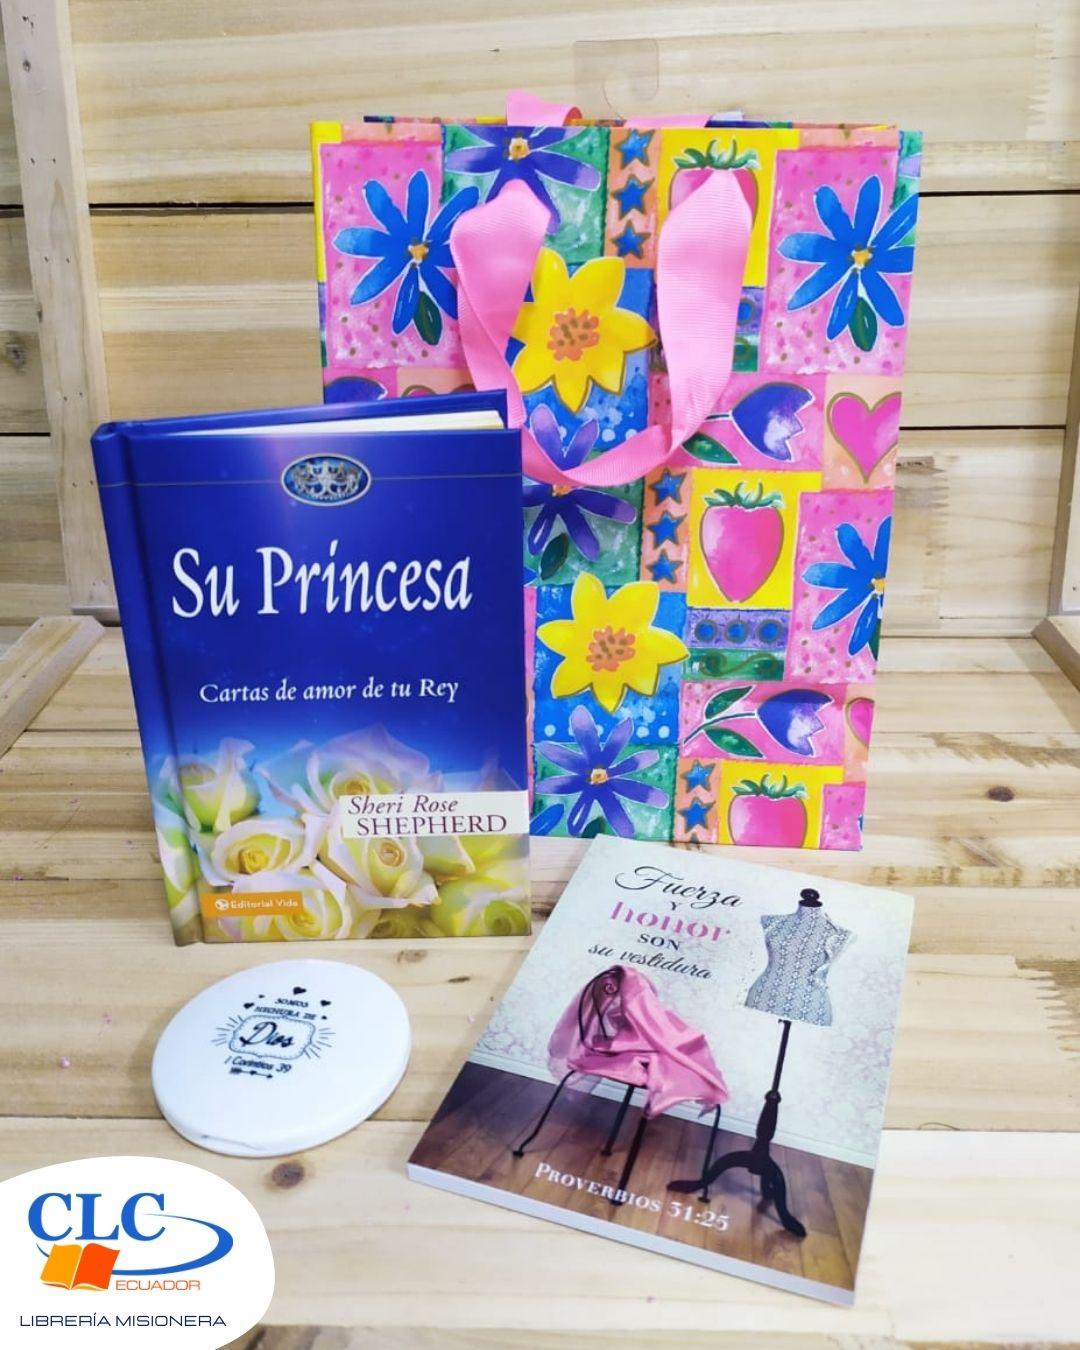 Su Princesa Cartas de Amor + Notepad + Coquetera + Funda de regalo pequeña